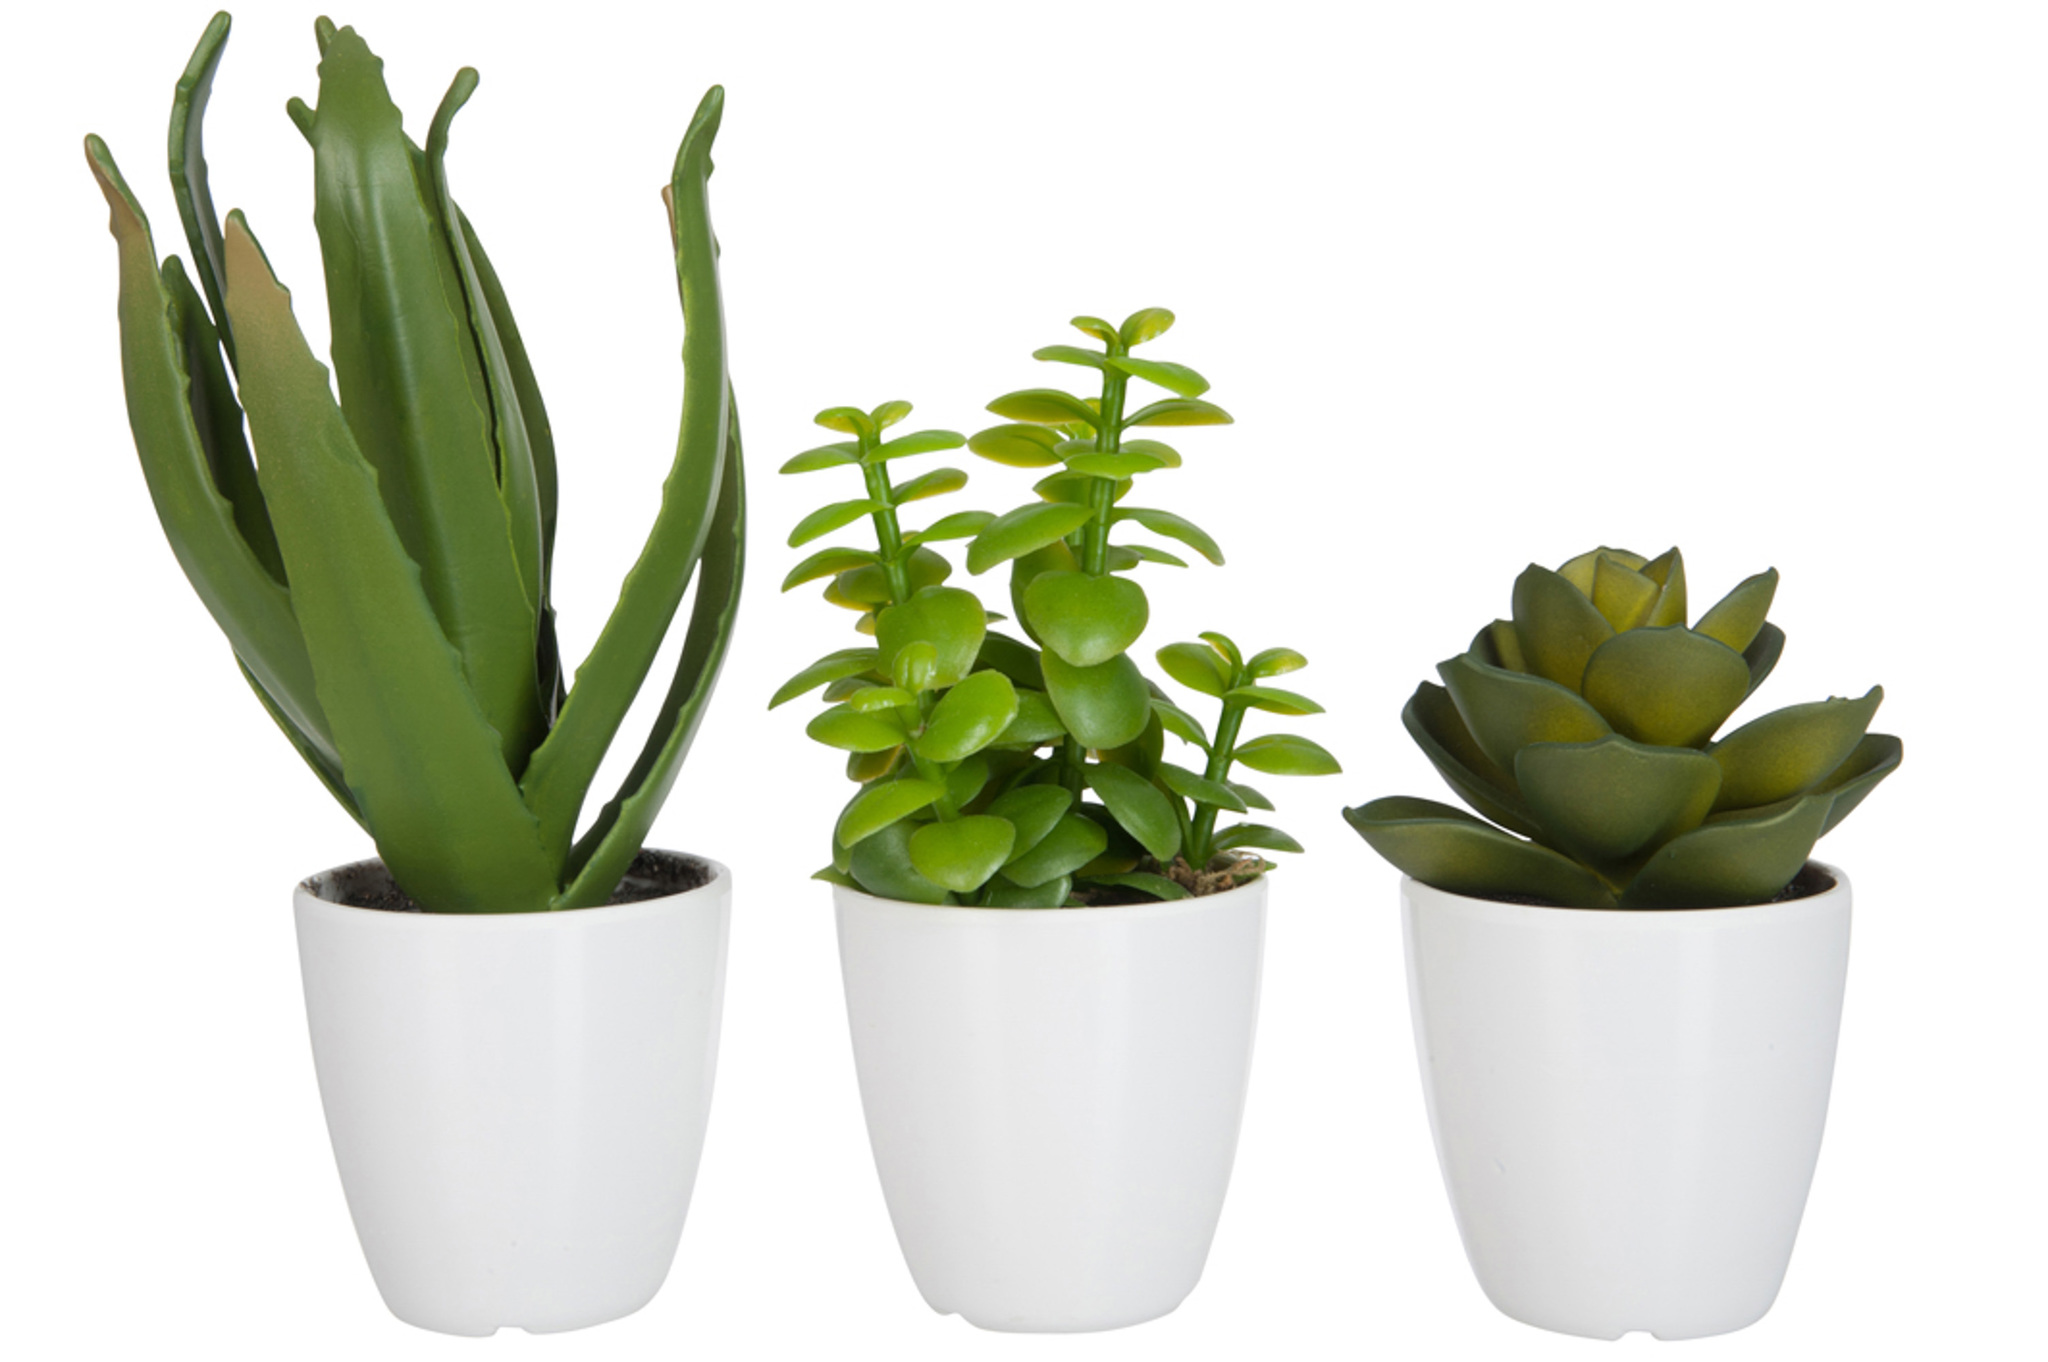 Растение в кашпо в ассортименте малое